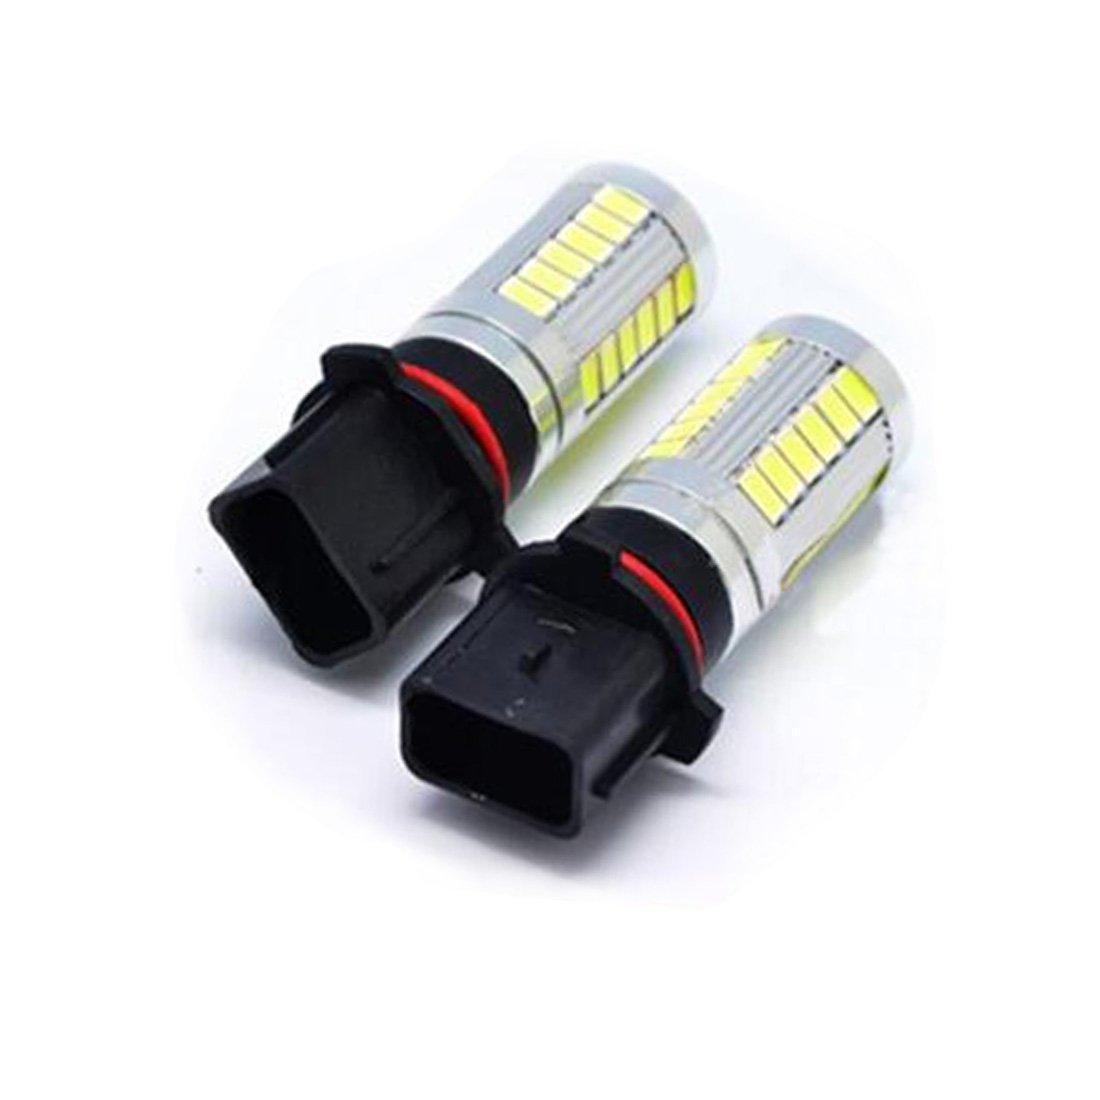 Bombillas LED P13W Xenon Luz de alta potencia diurna DRL COB coche A4 B8 2x RGAta